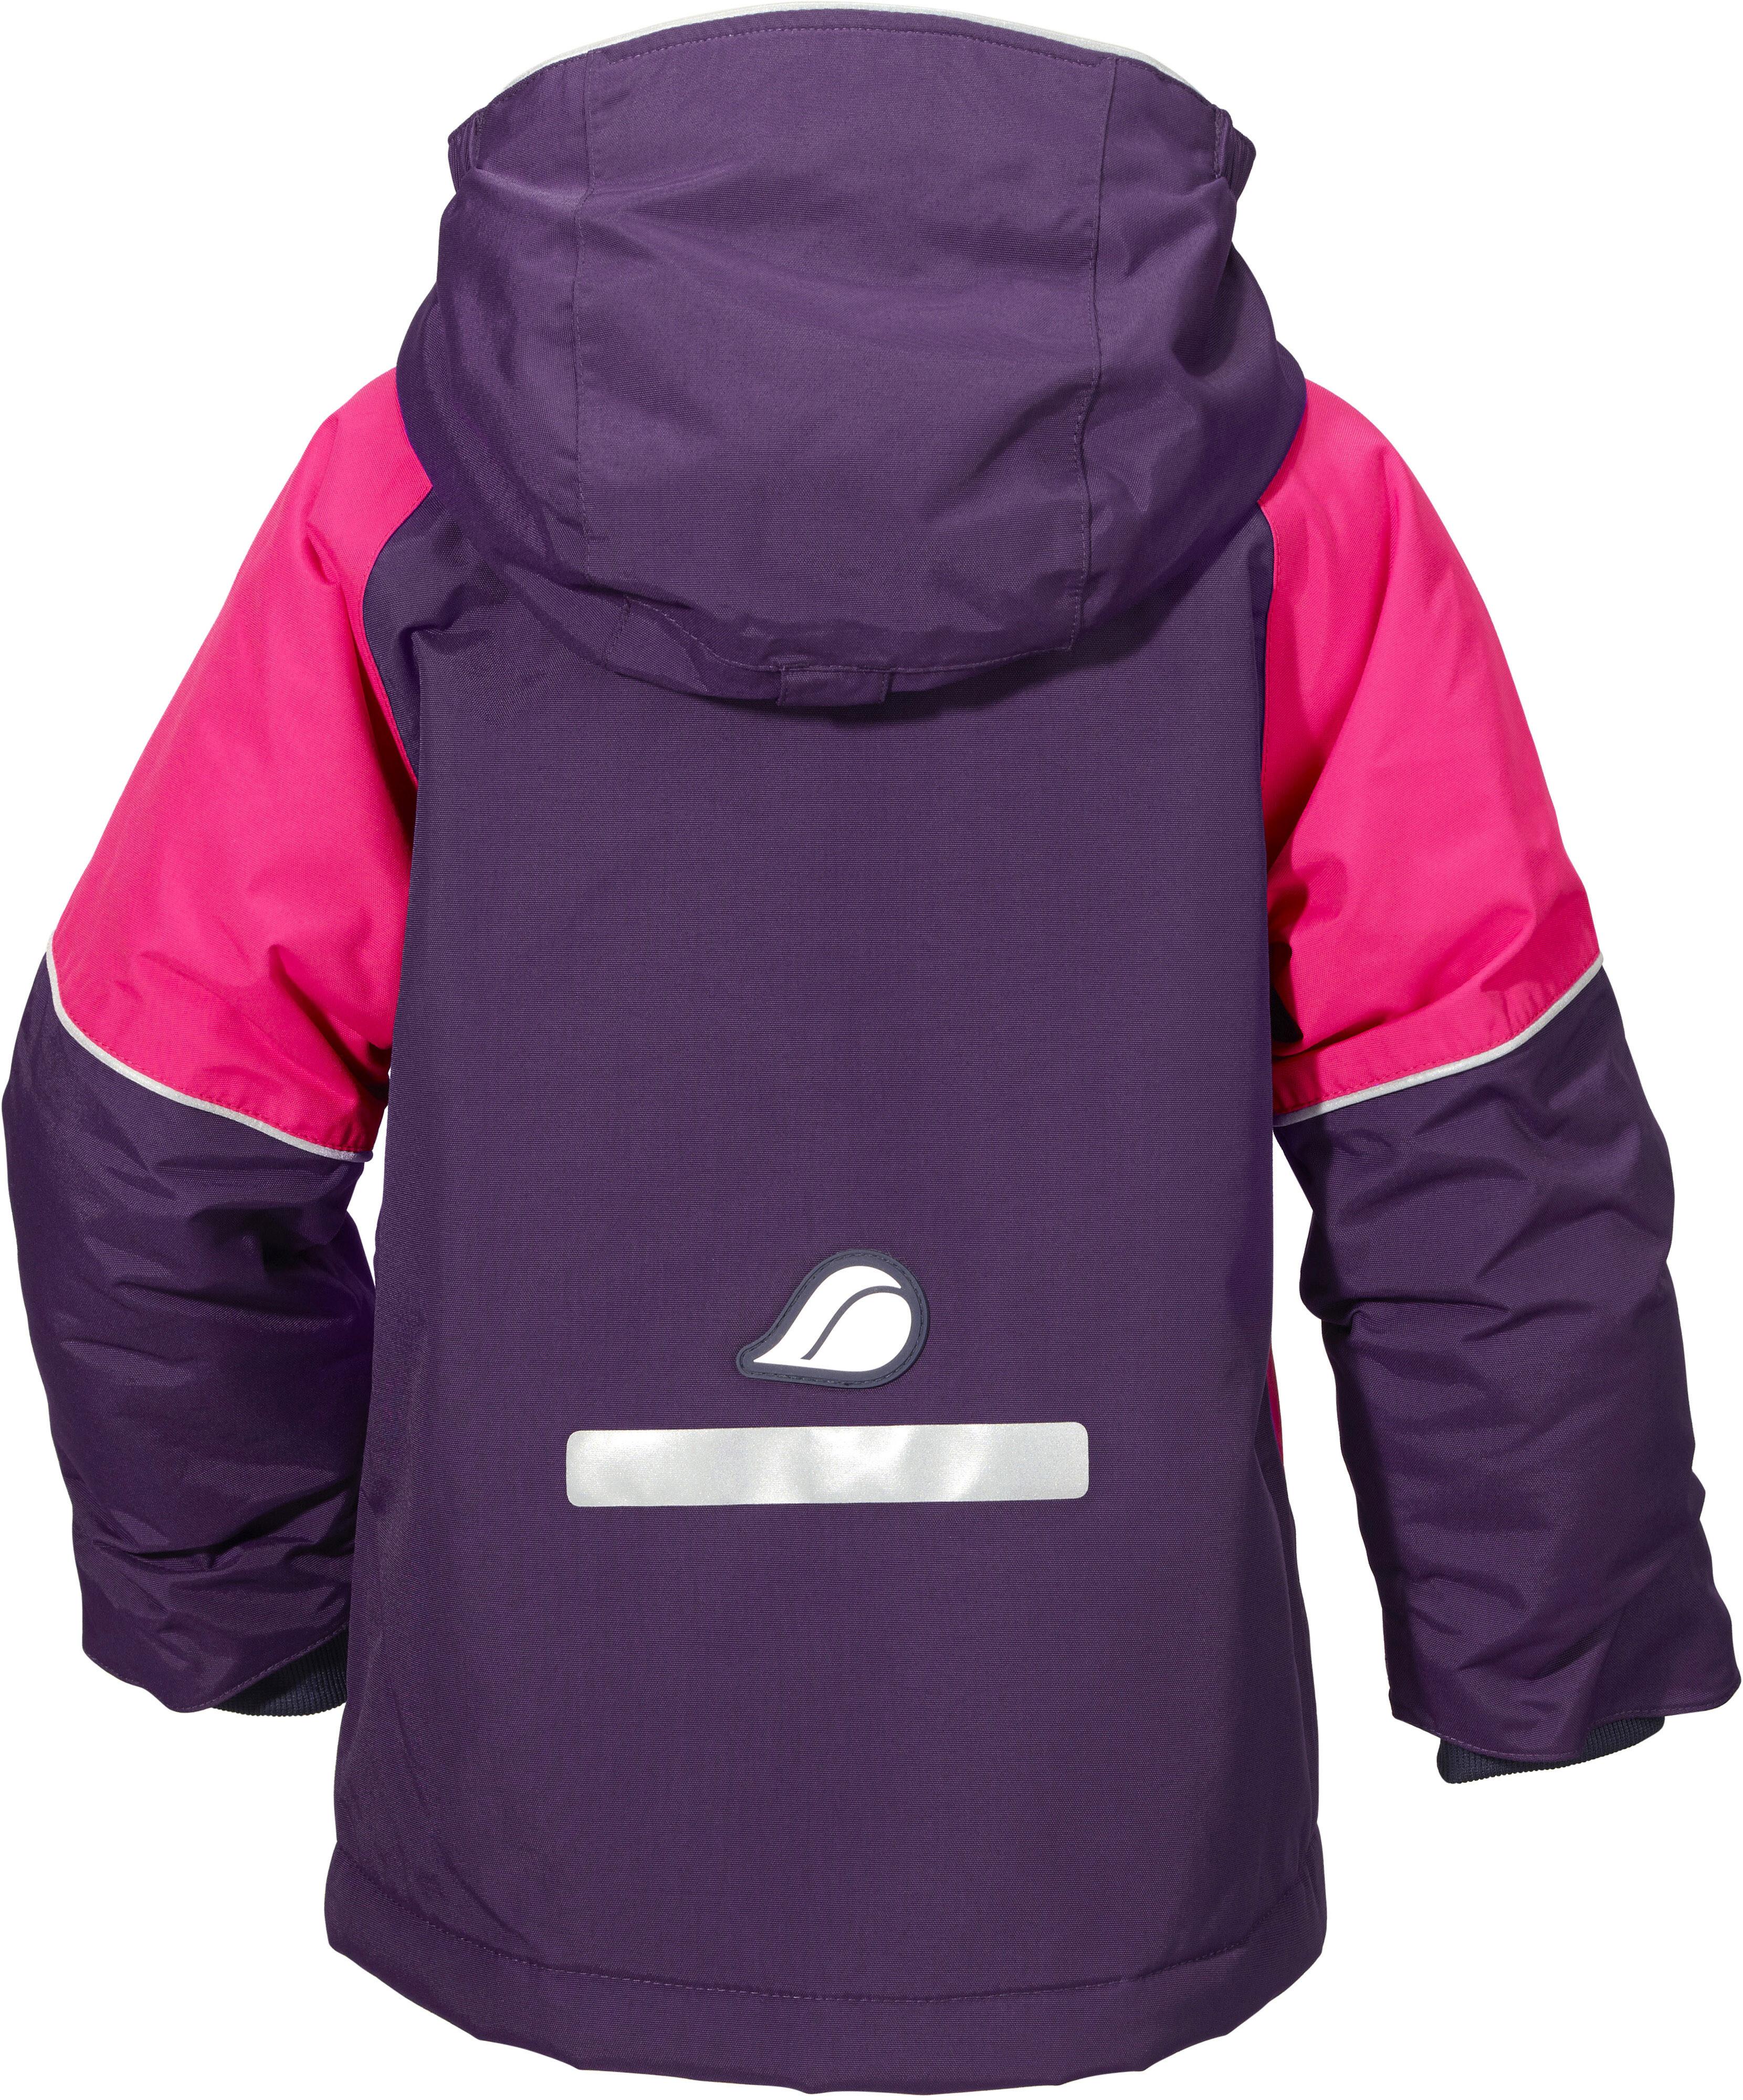 490685e3 Didriksons 1913 Ese Jakke Børn pink/violet | Find outdoortøj, sko ...